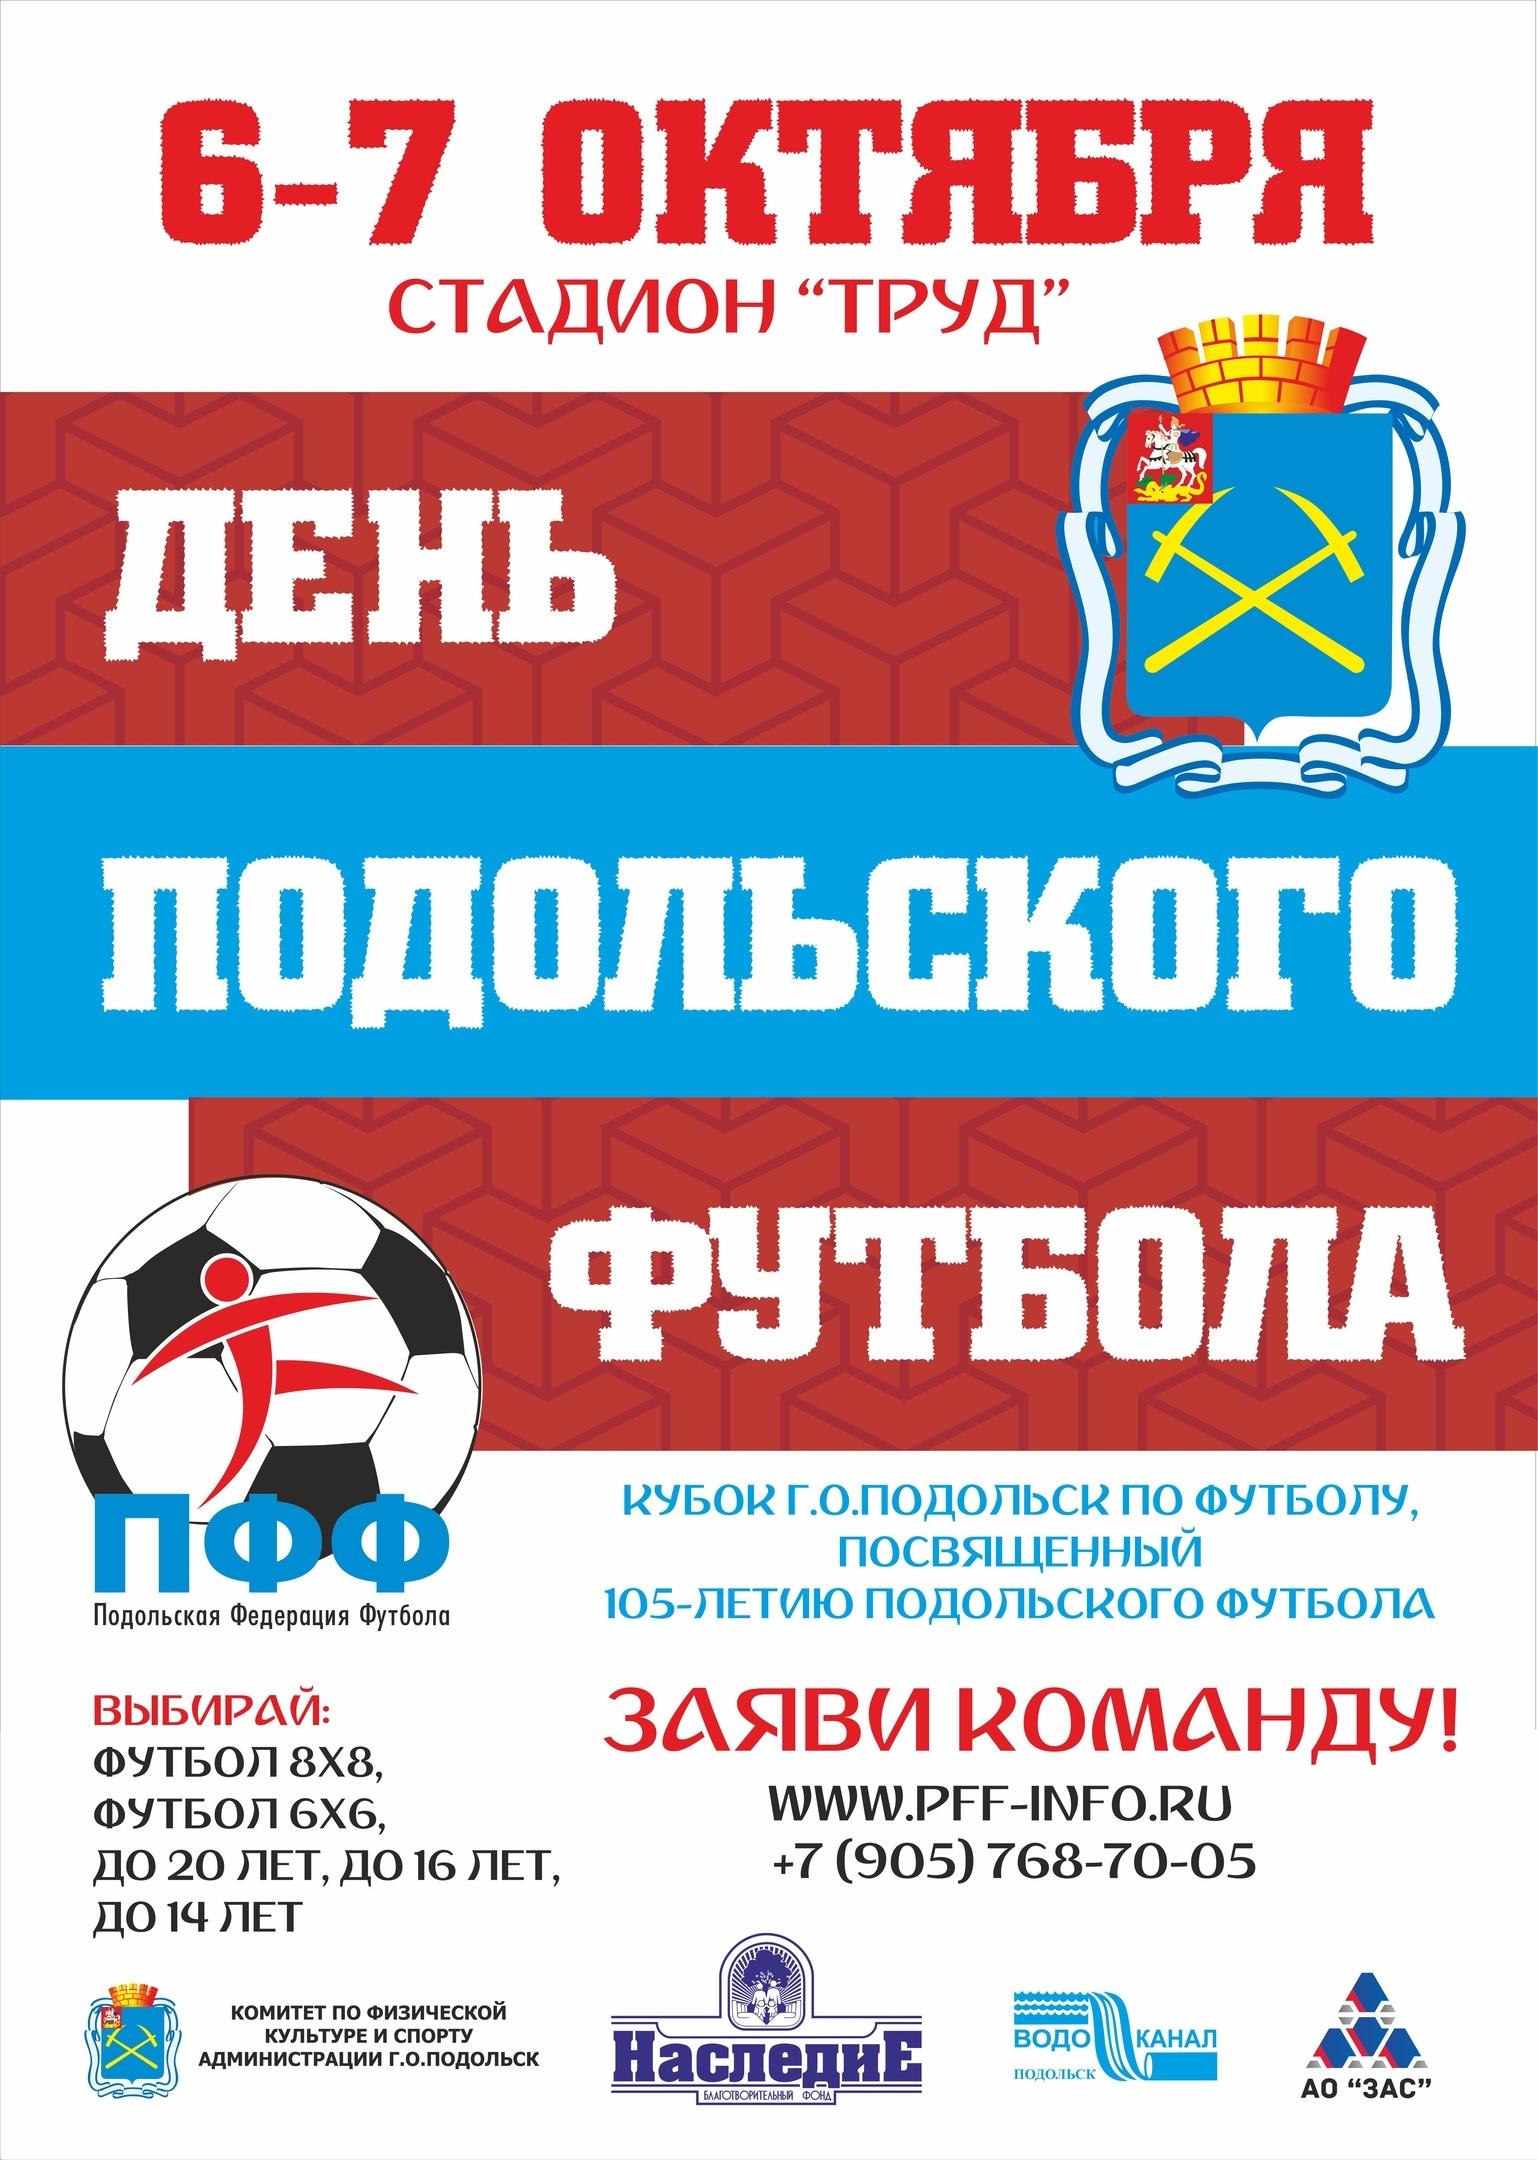 Продолжается заявка на День Подольского футбола 6-7 октября